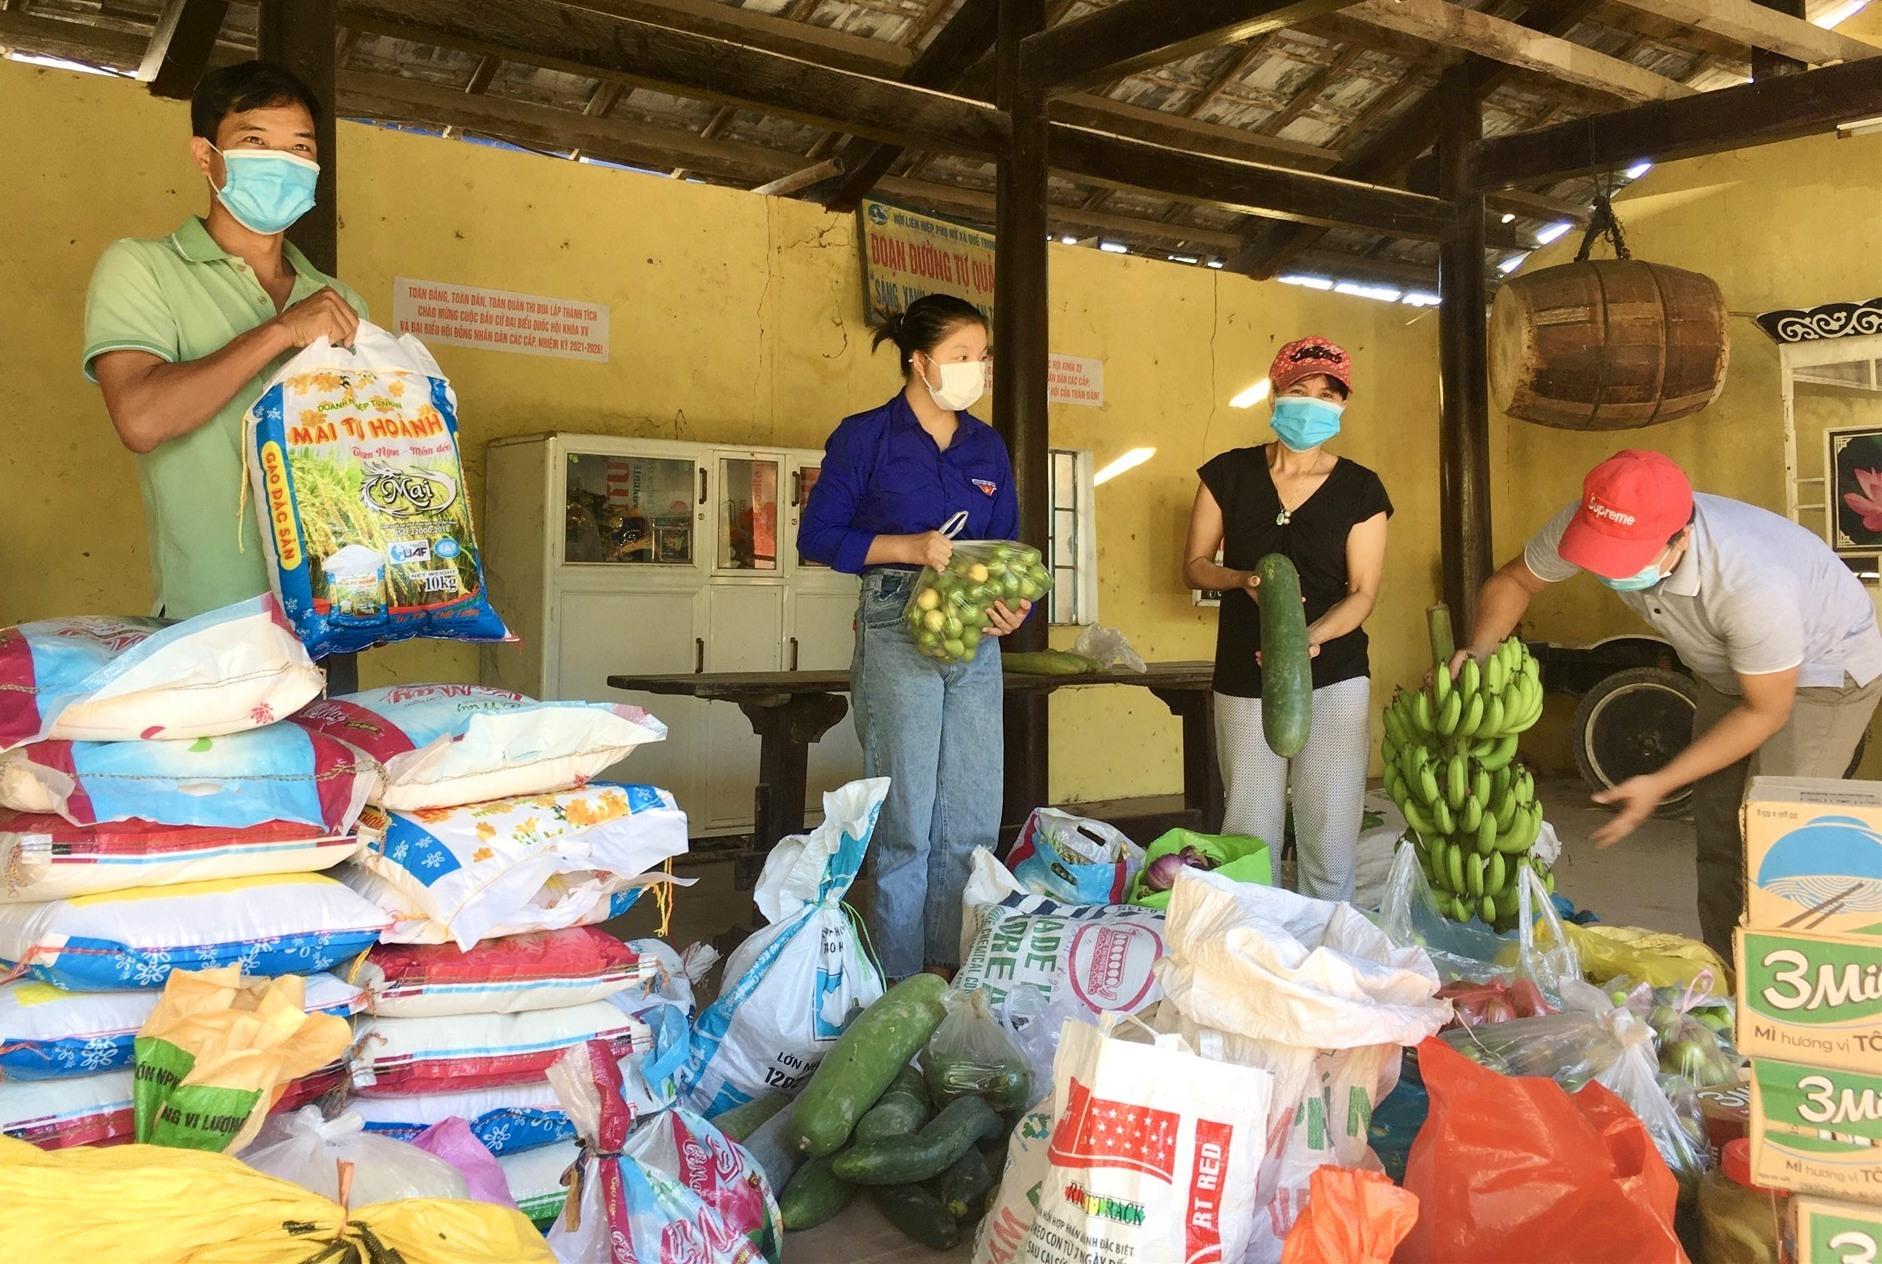 Người dân Đại Bình (Quế Trung, Nông Sơn) nhiệt tình gói ghém, gởi nông sản giúp đỡ bà con khó khăn ở TP.HCM. Ảnh: LÊ THÔNG